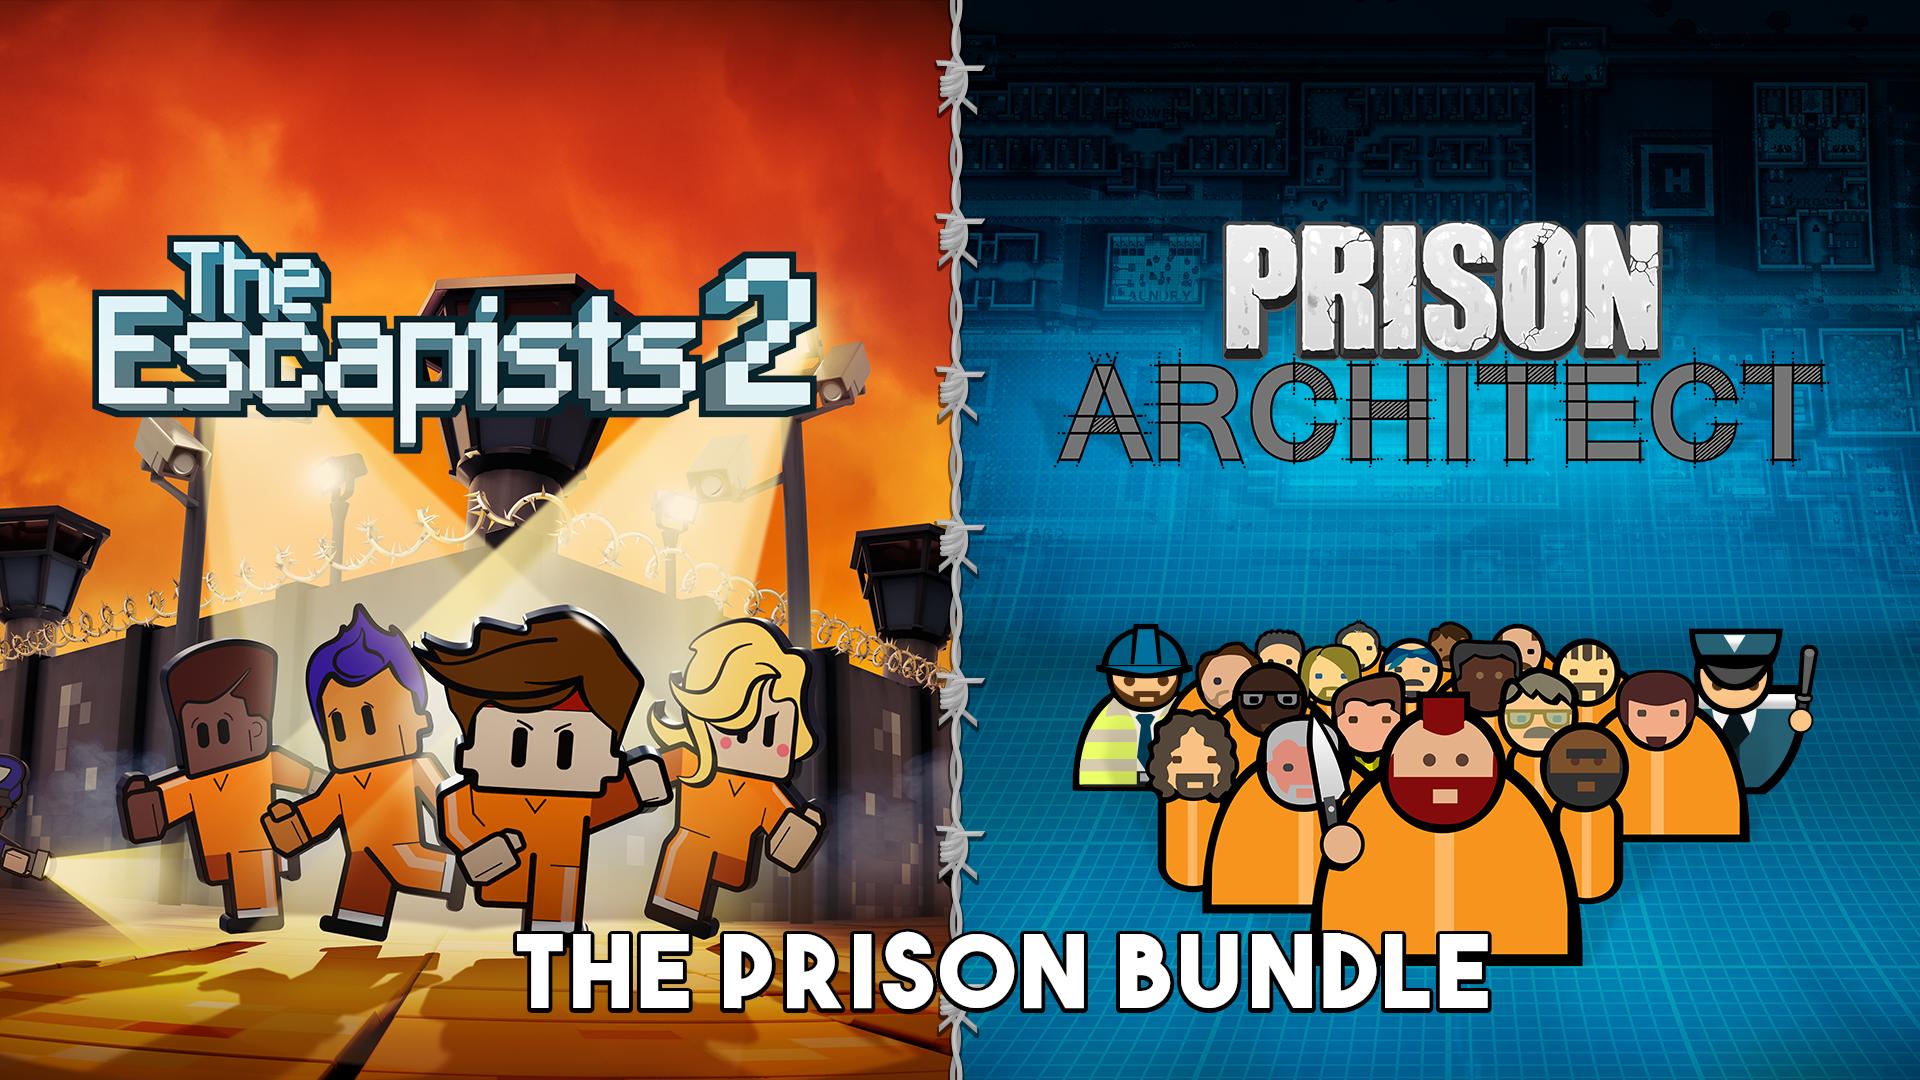 Prison-Bundle-Social-Assets_01.png